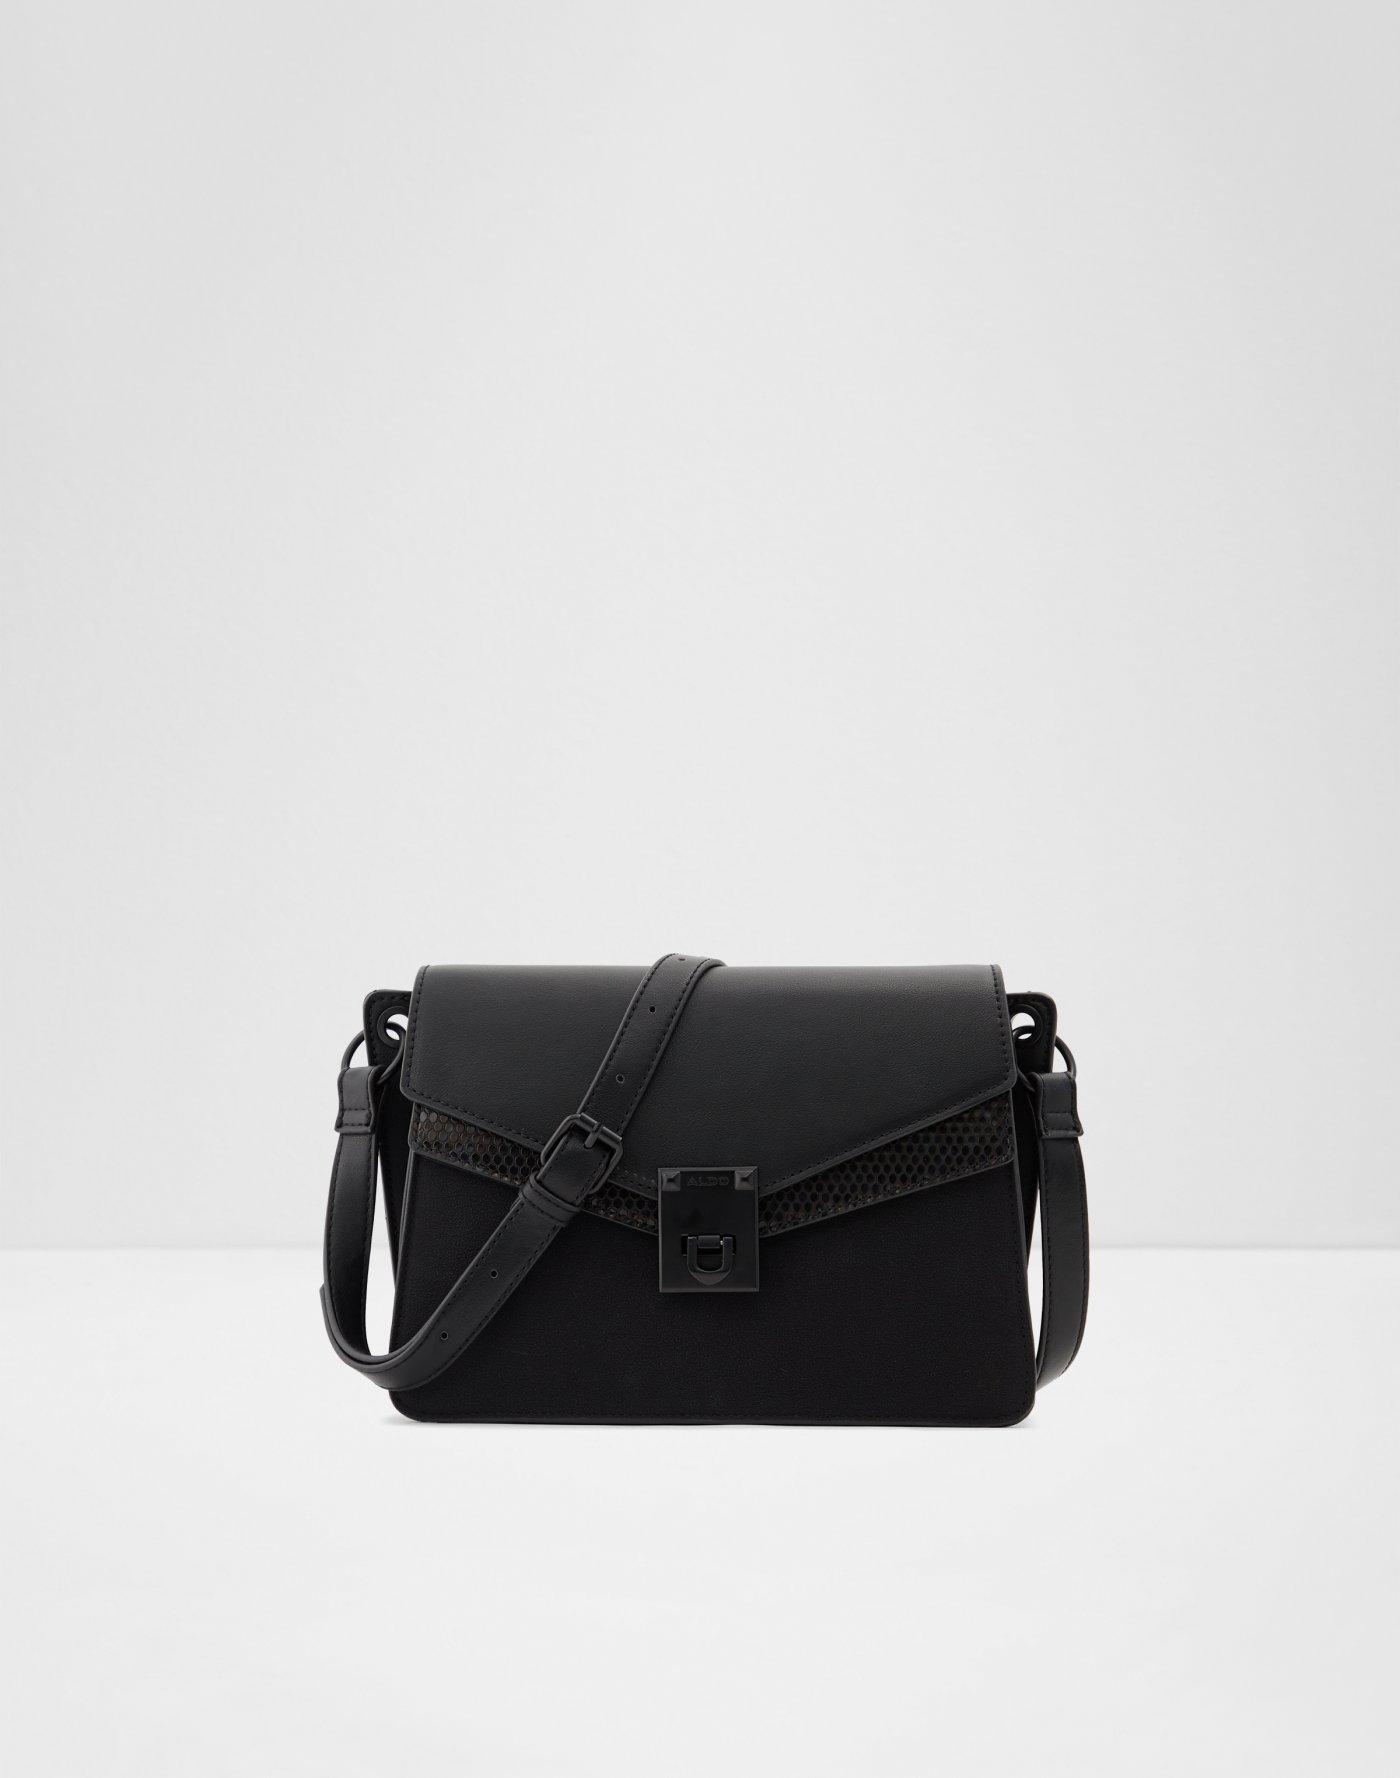 554d5930cb58 Women's Crossbody Bags | ALDO US | Aldoshoes.com US